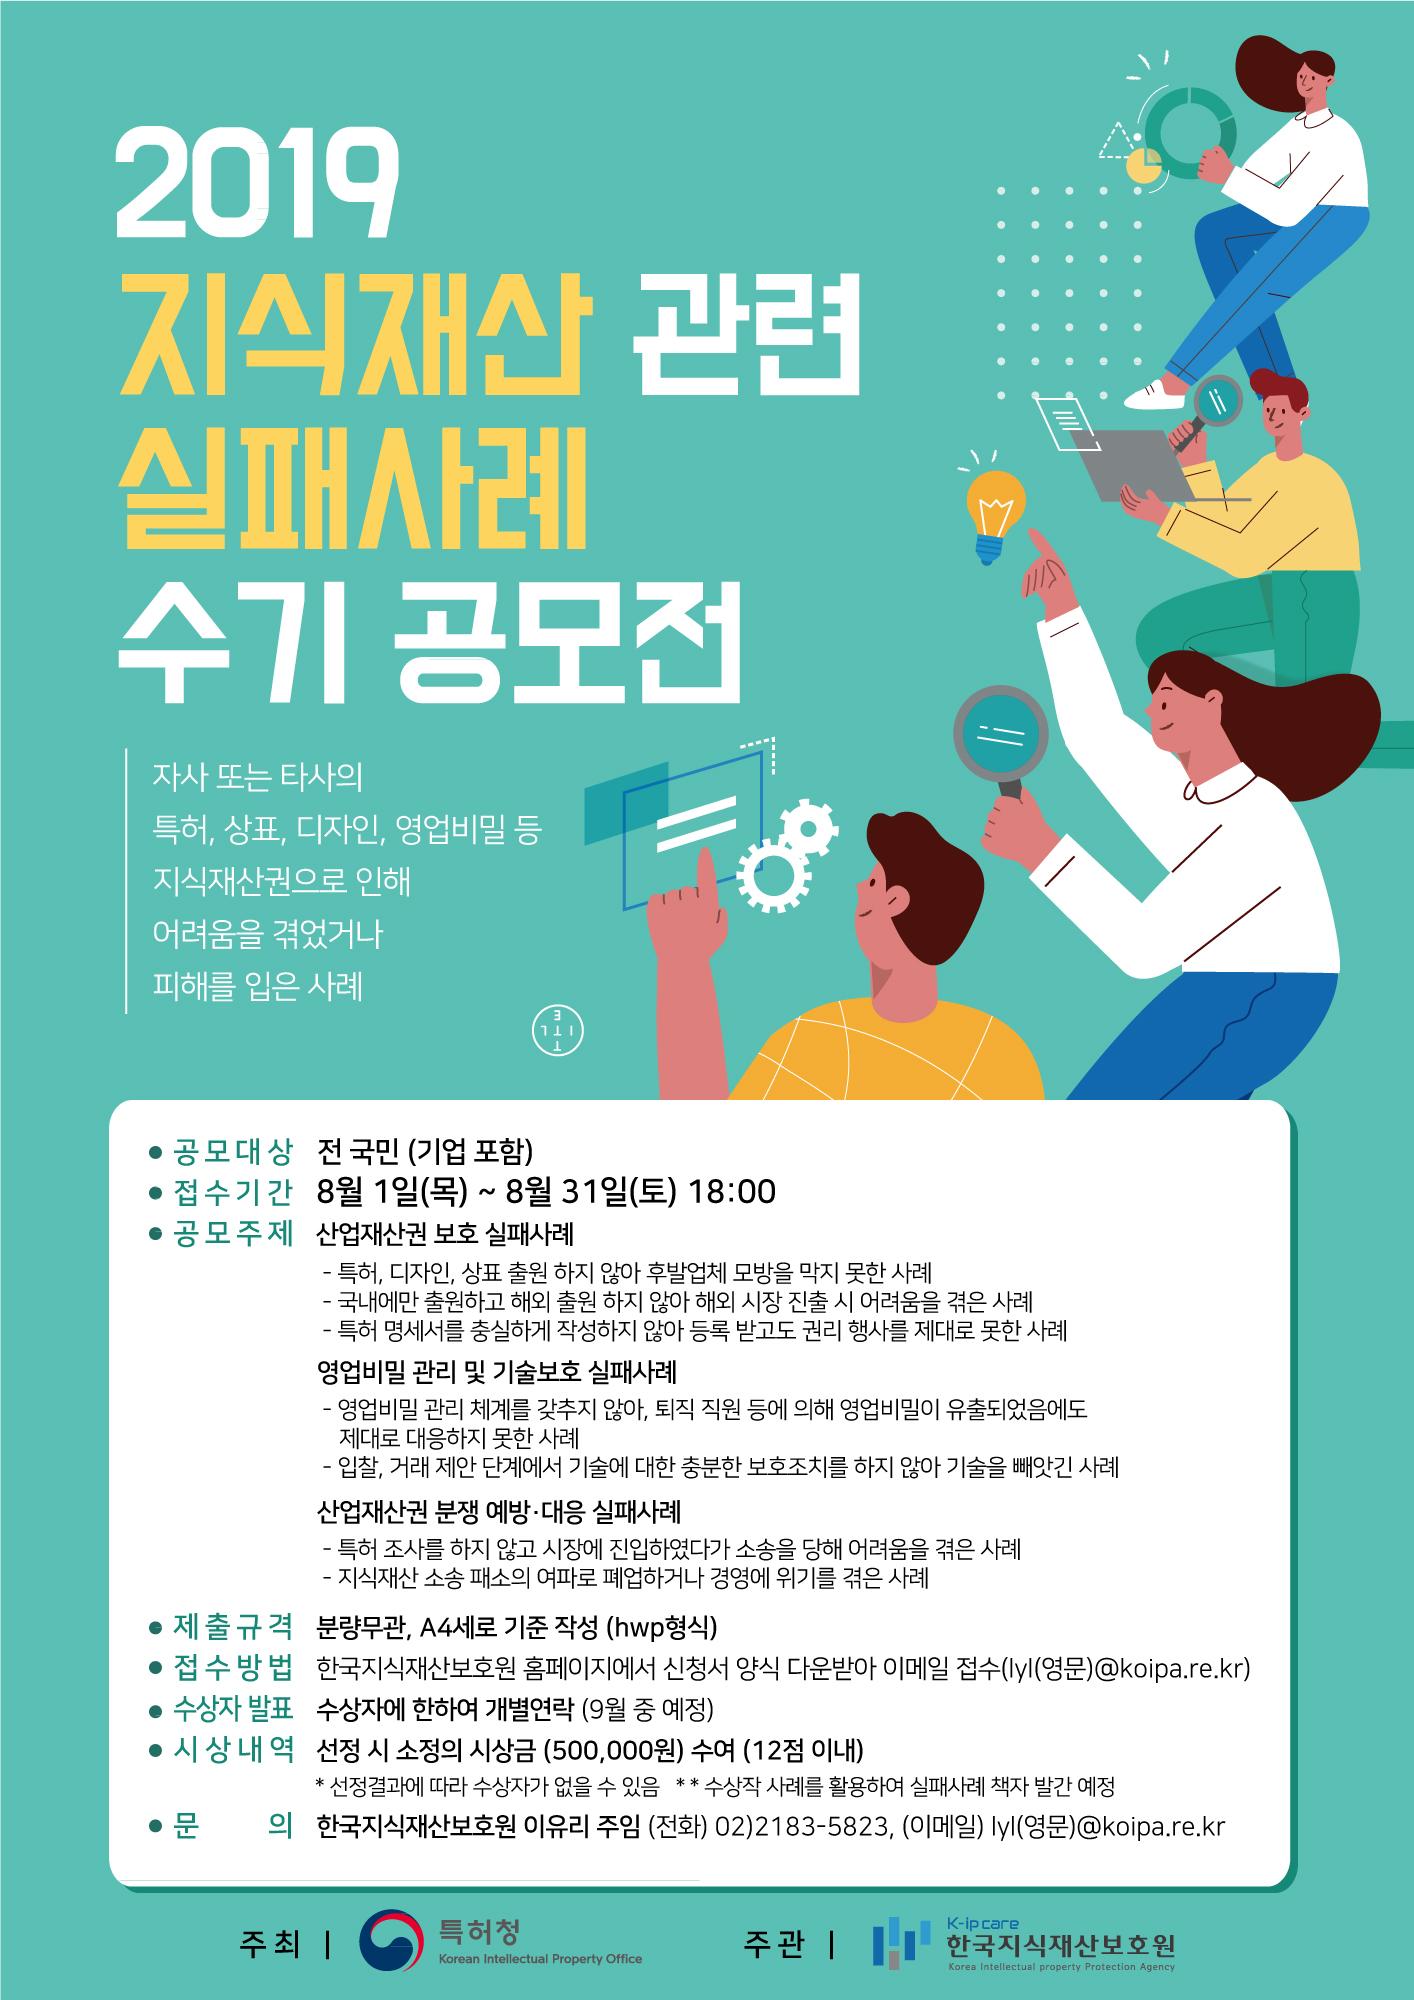 [한국지식재산보호원]2019 지식재산 관련 실패사례 수기 공모전